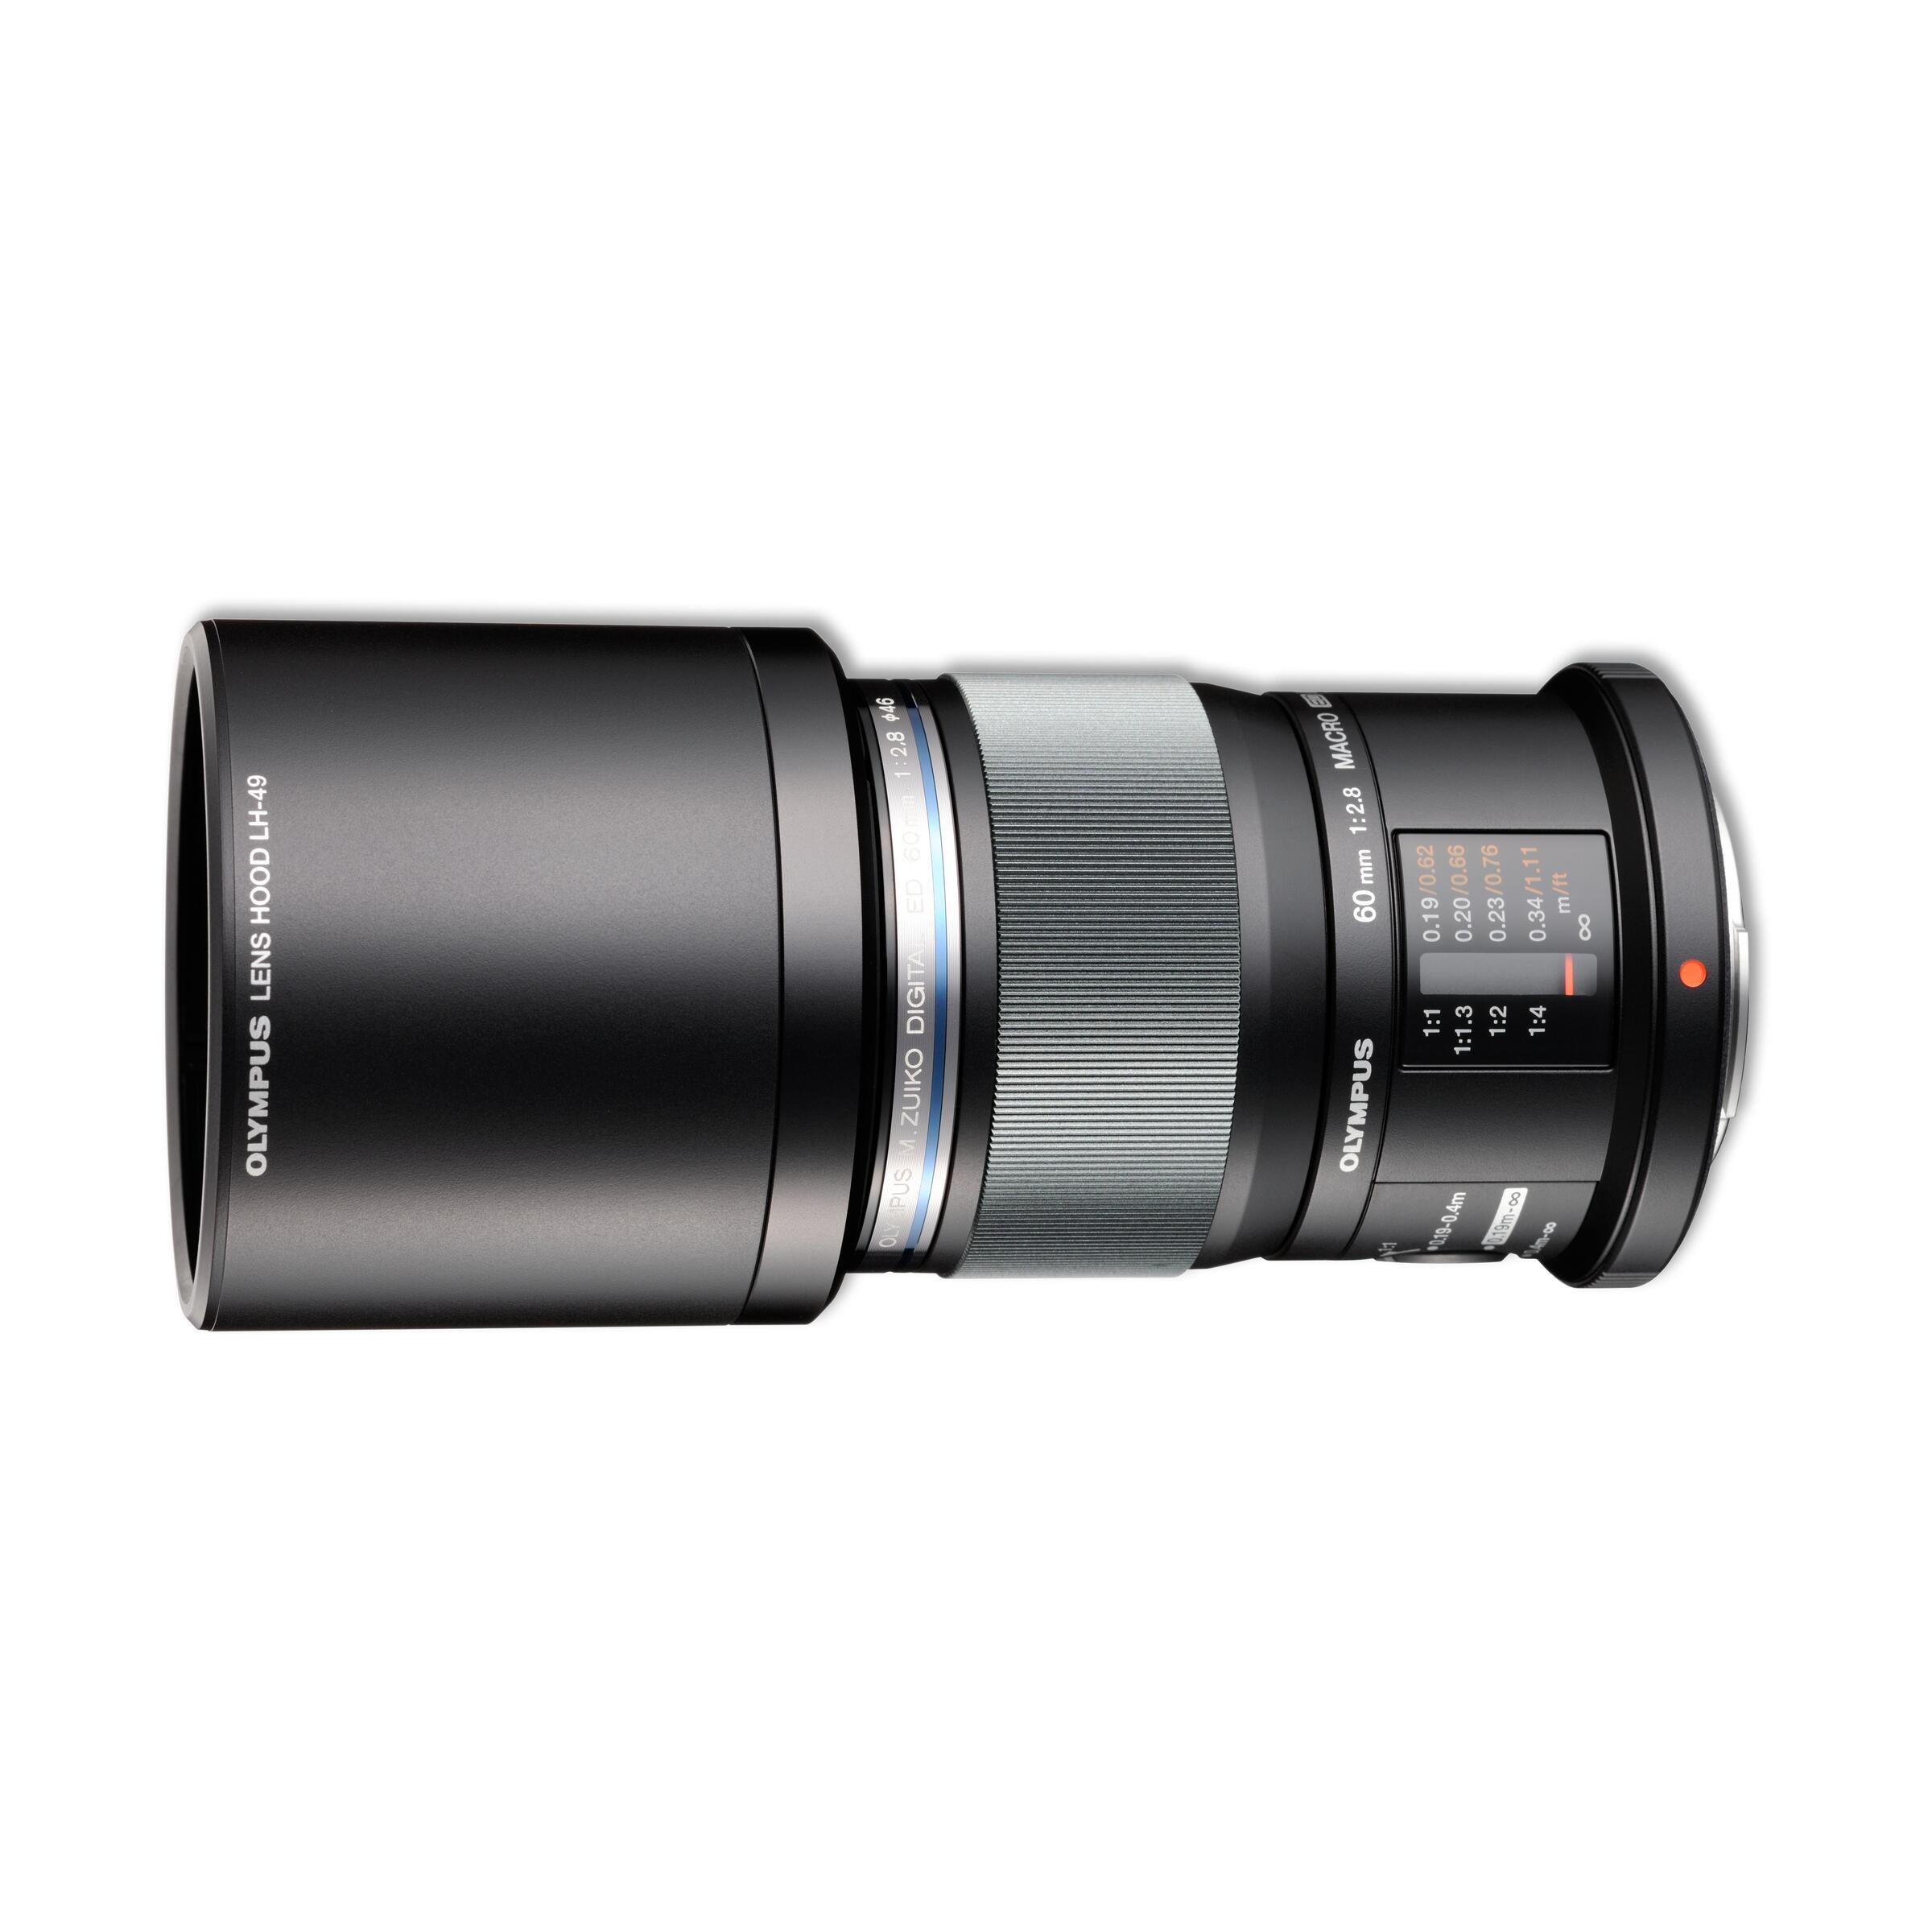 Olympus M.ZUIKO DIGITAL ED 60mm f/2,8 Macro